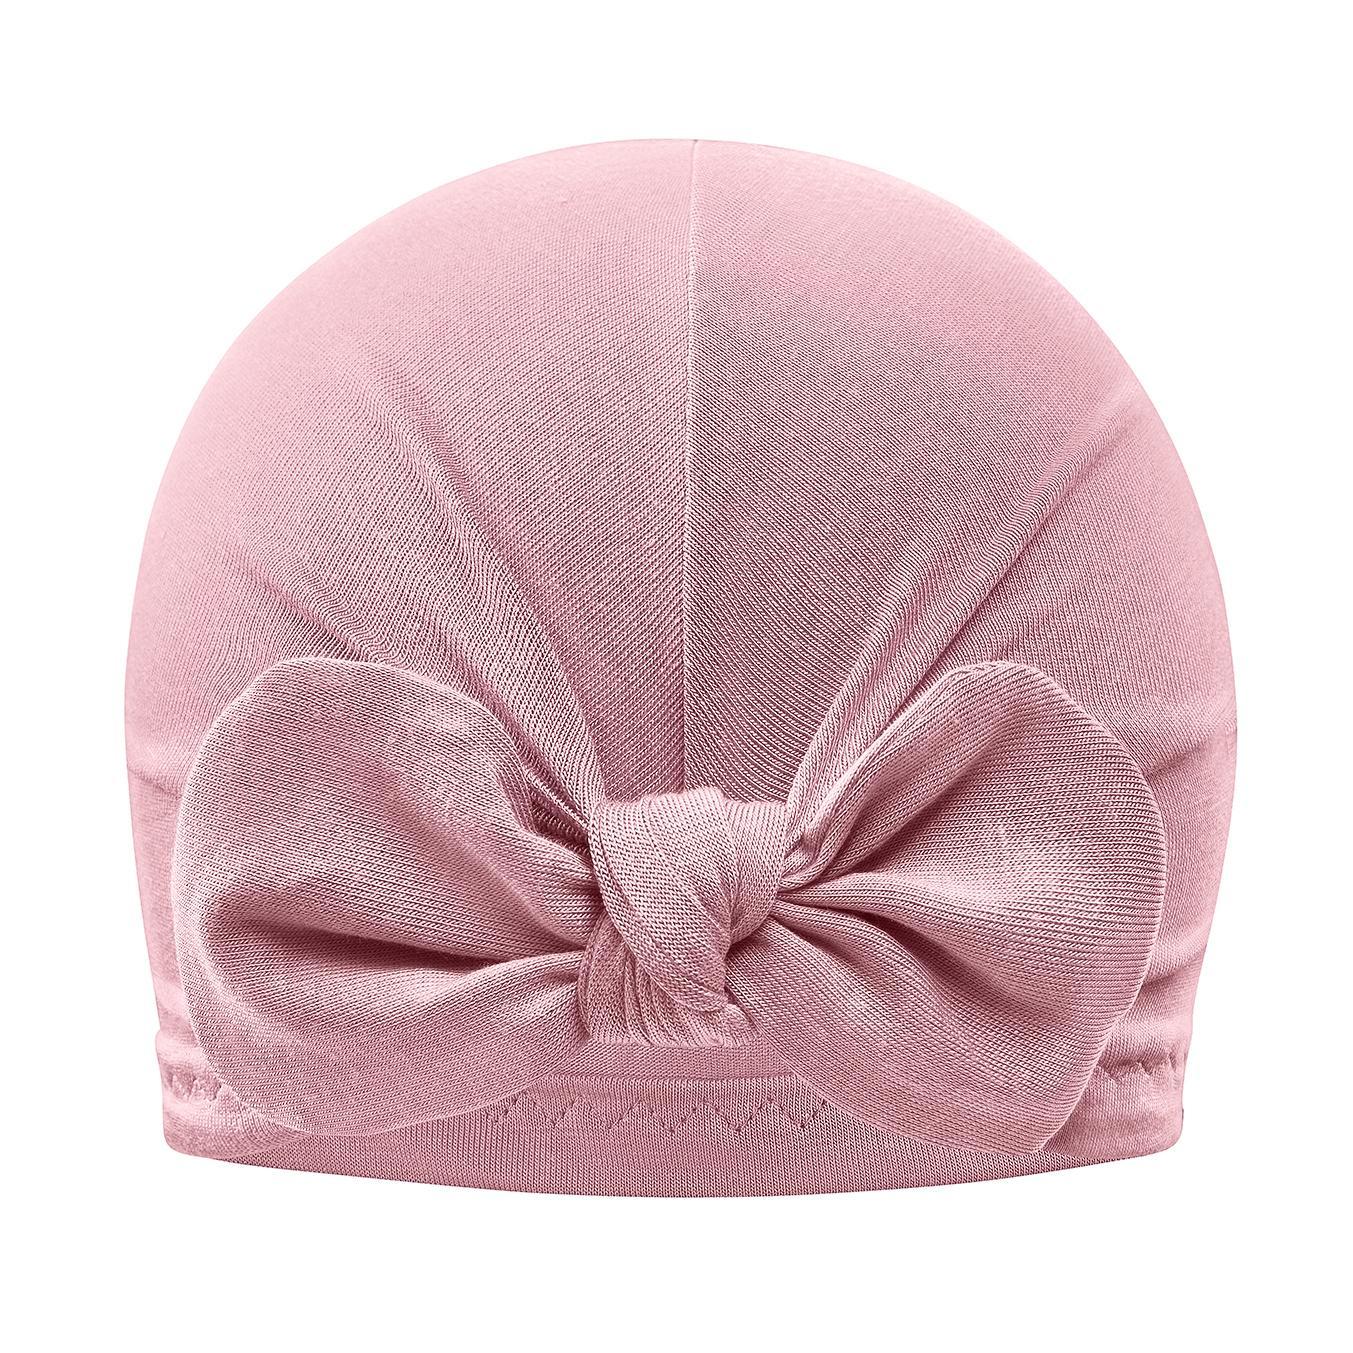 Otroška turban kapica, BLUSH PINK